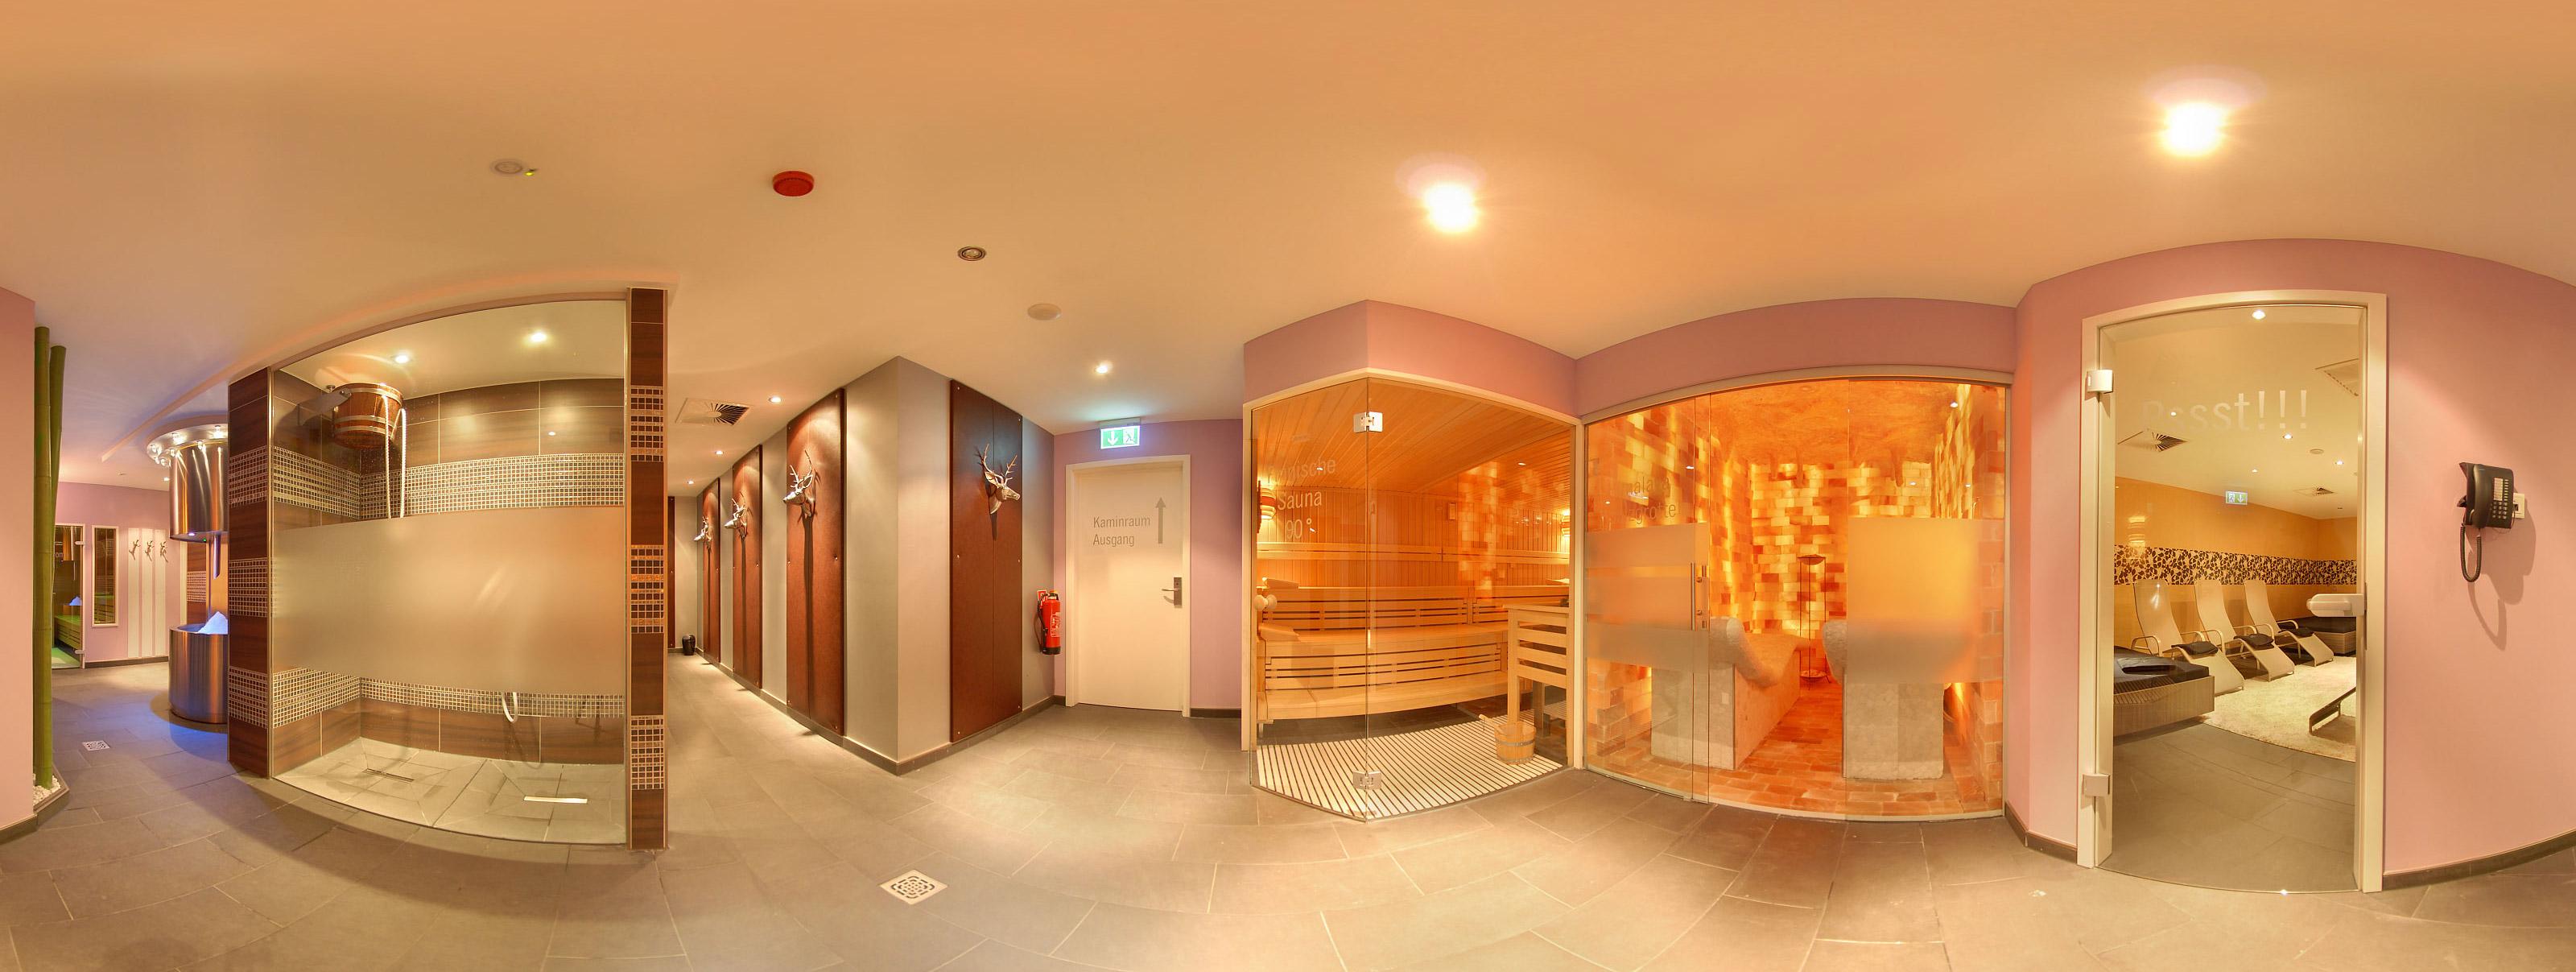 Wellness und freizeit m glichkeiten auf langeoog hotel kolb for Retro design hotel